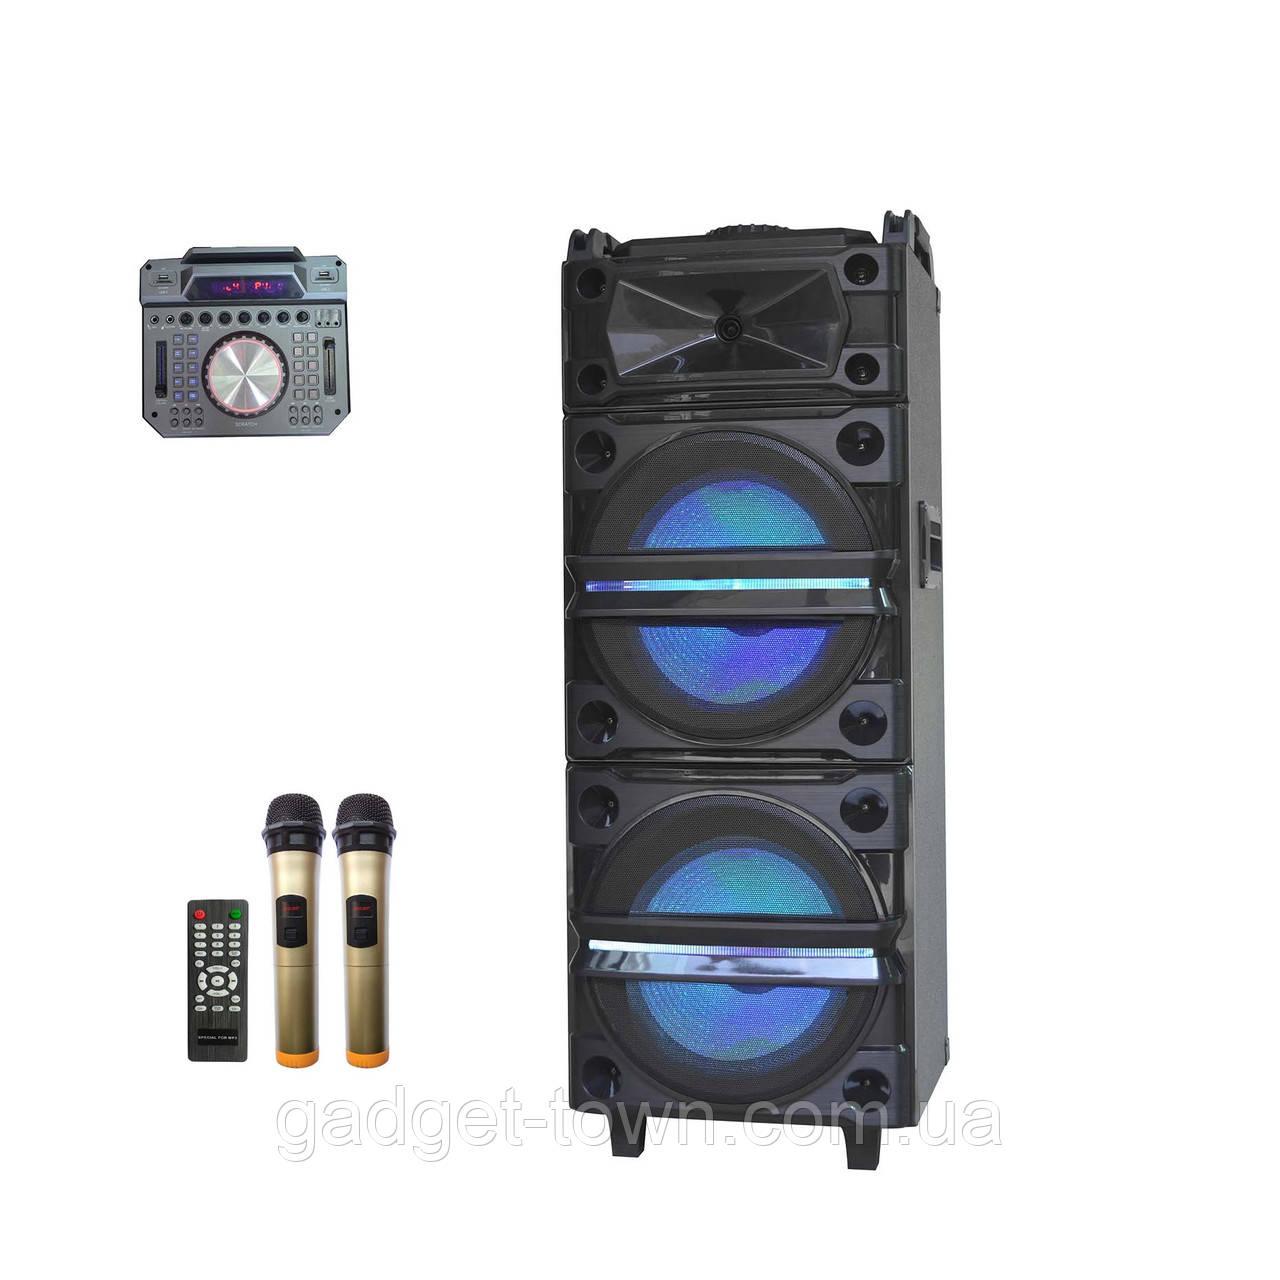 Колонка акумуляторна з Діджей Мікшером DJ-1035 + 2 радіомікрофона (400W/USB/BT/FM)